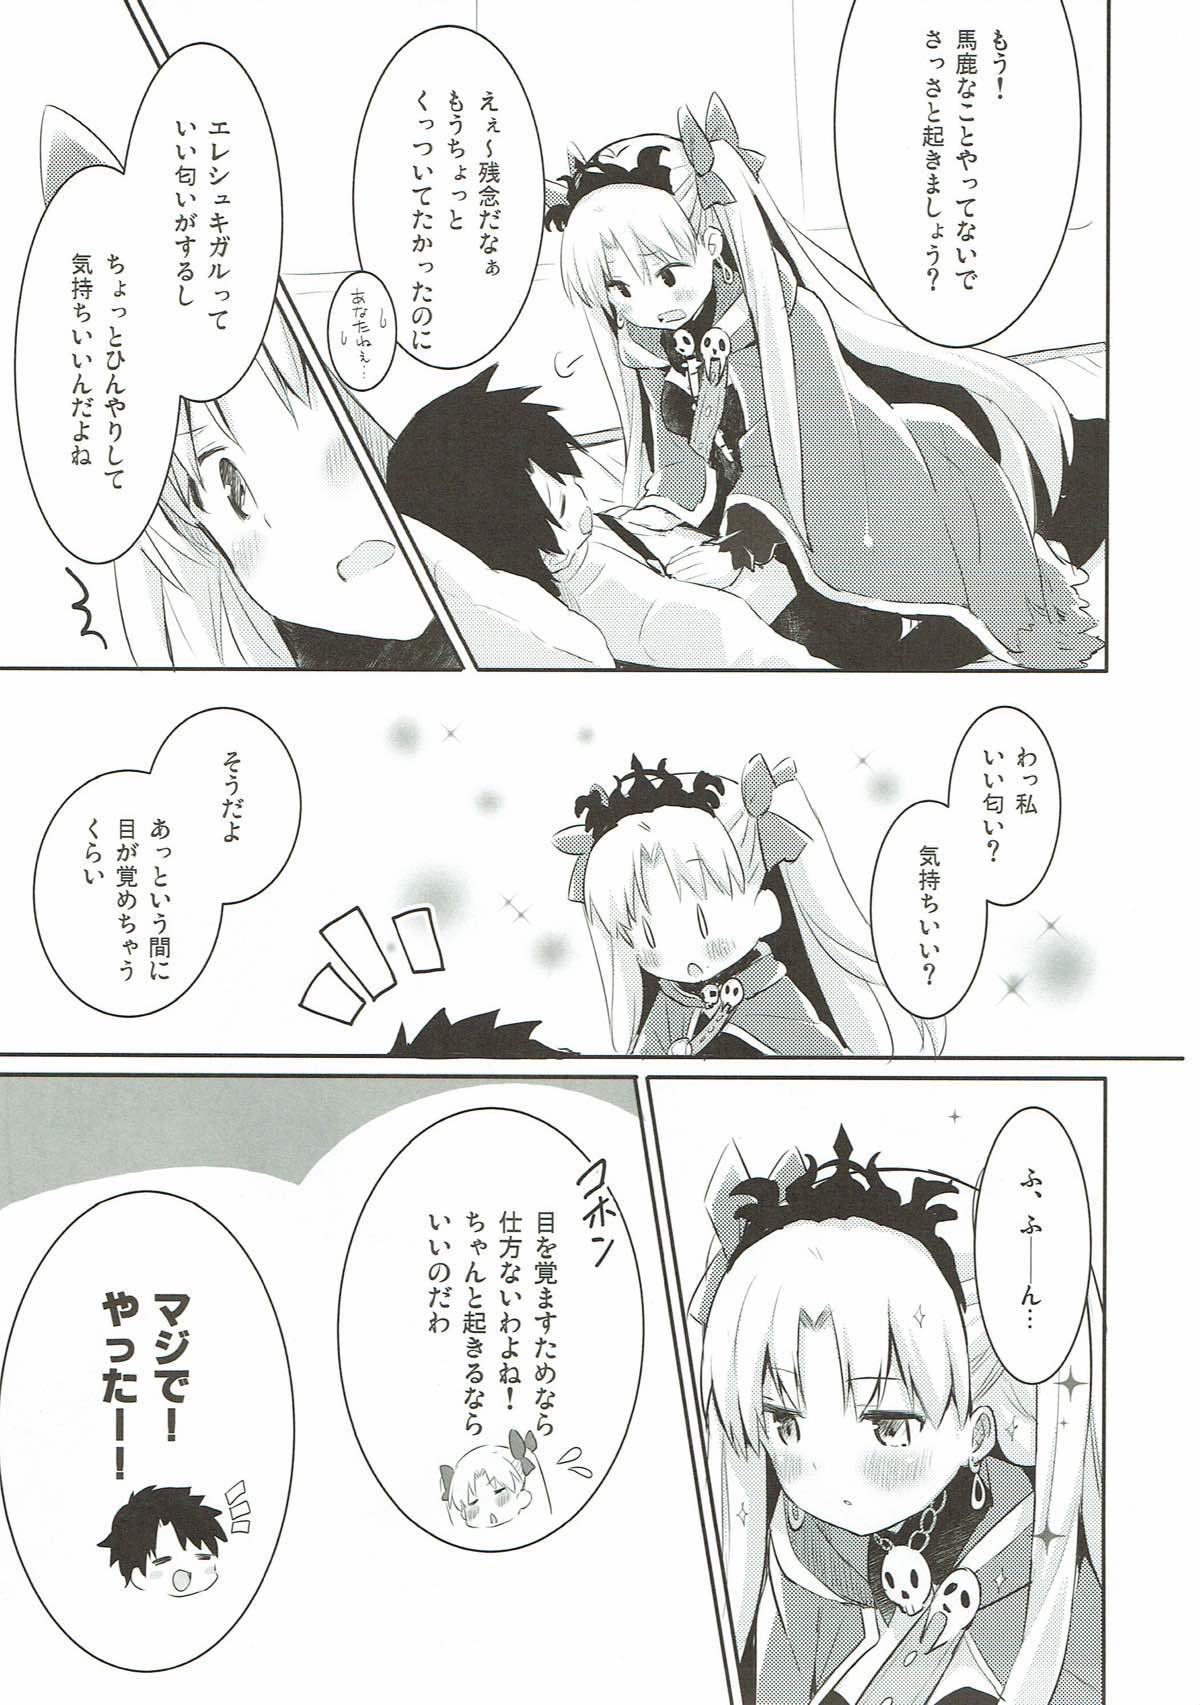 【FGO エロ漫画・エロ同人】マスター大好きエレちゃんのずっとドキドキしてる姿が可愛すぎる!!!!!!!! (7)